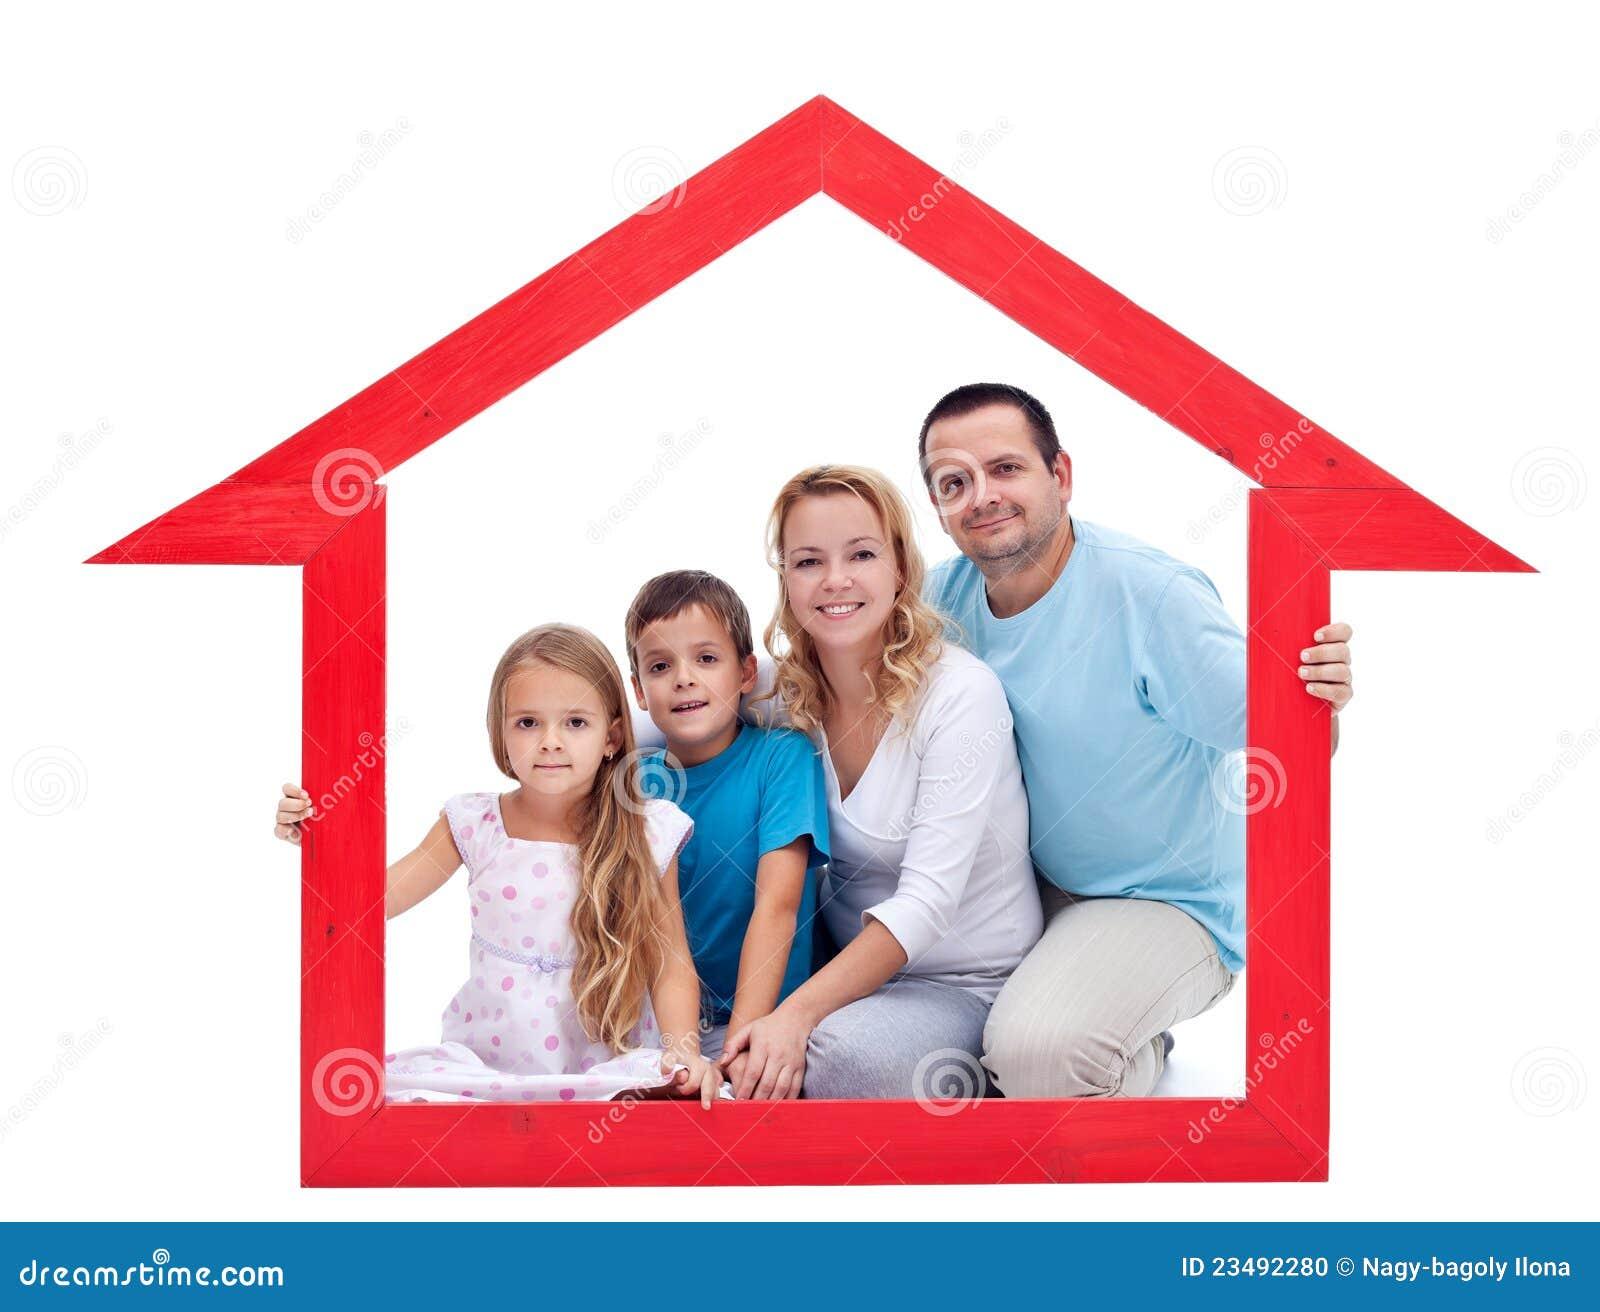 Deras familjutgångspunkt